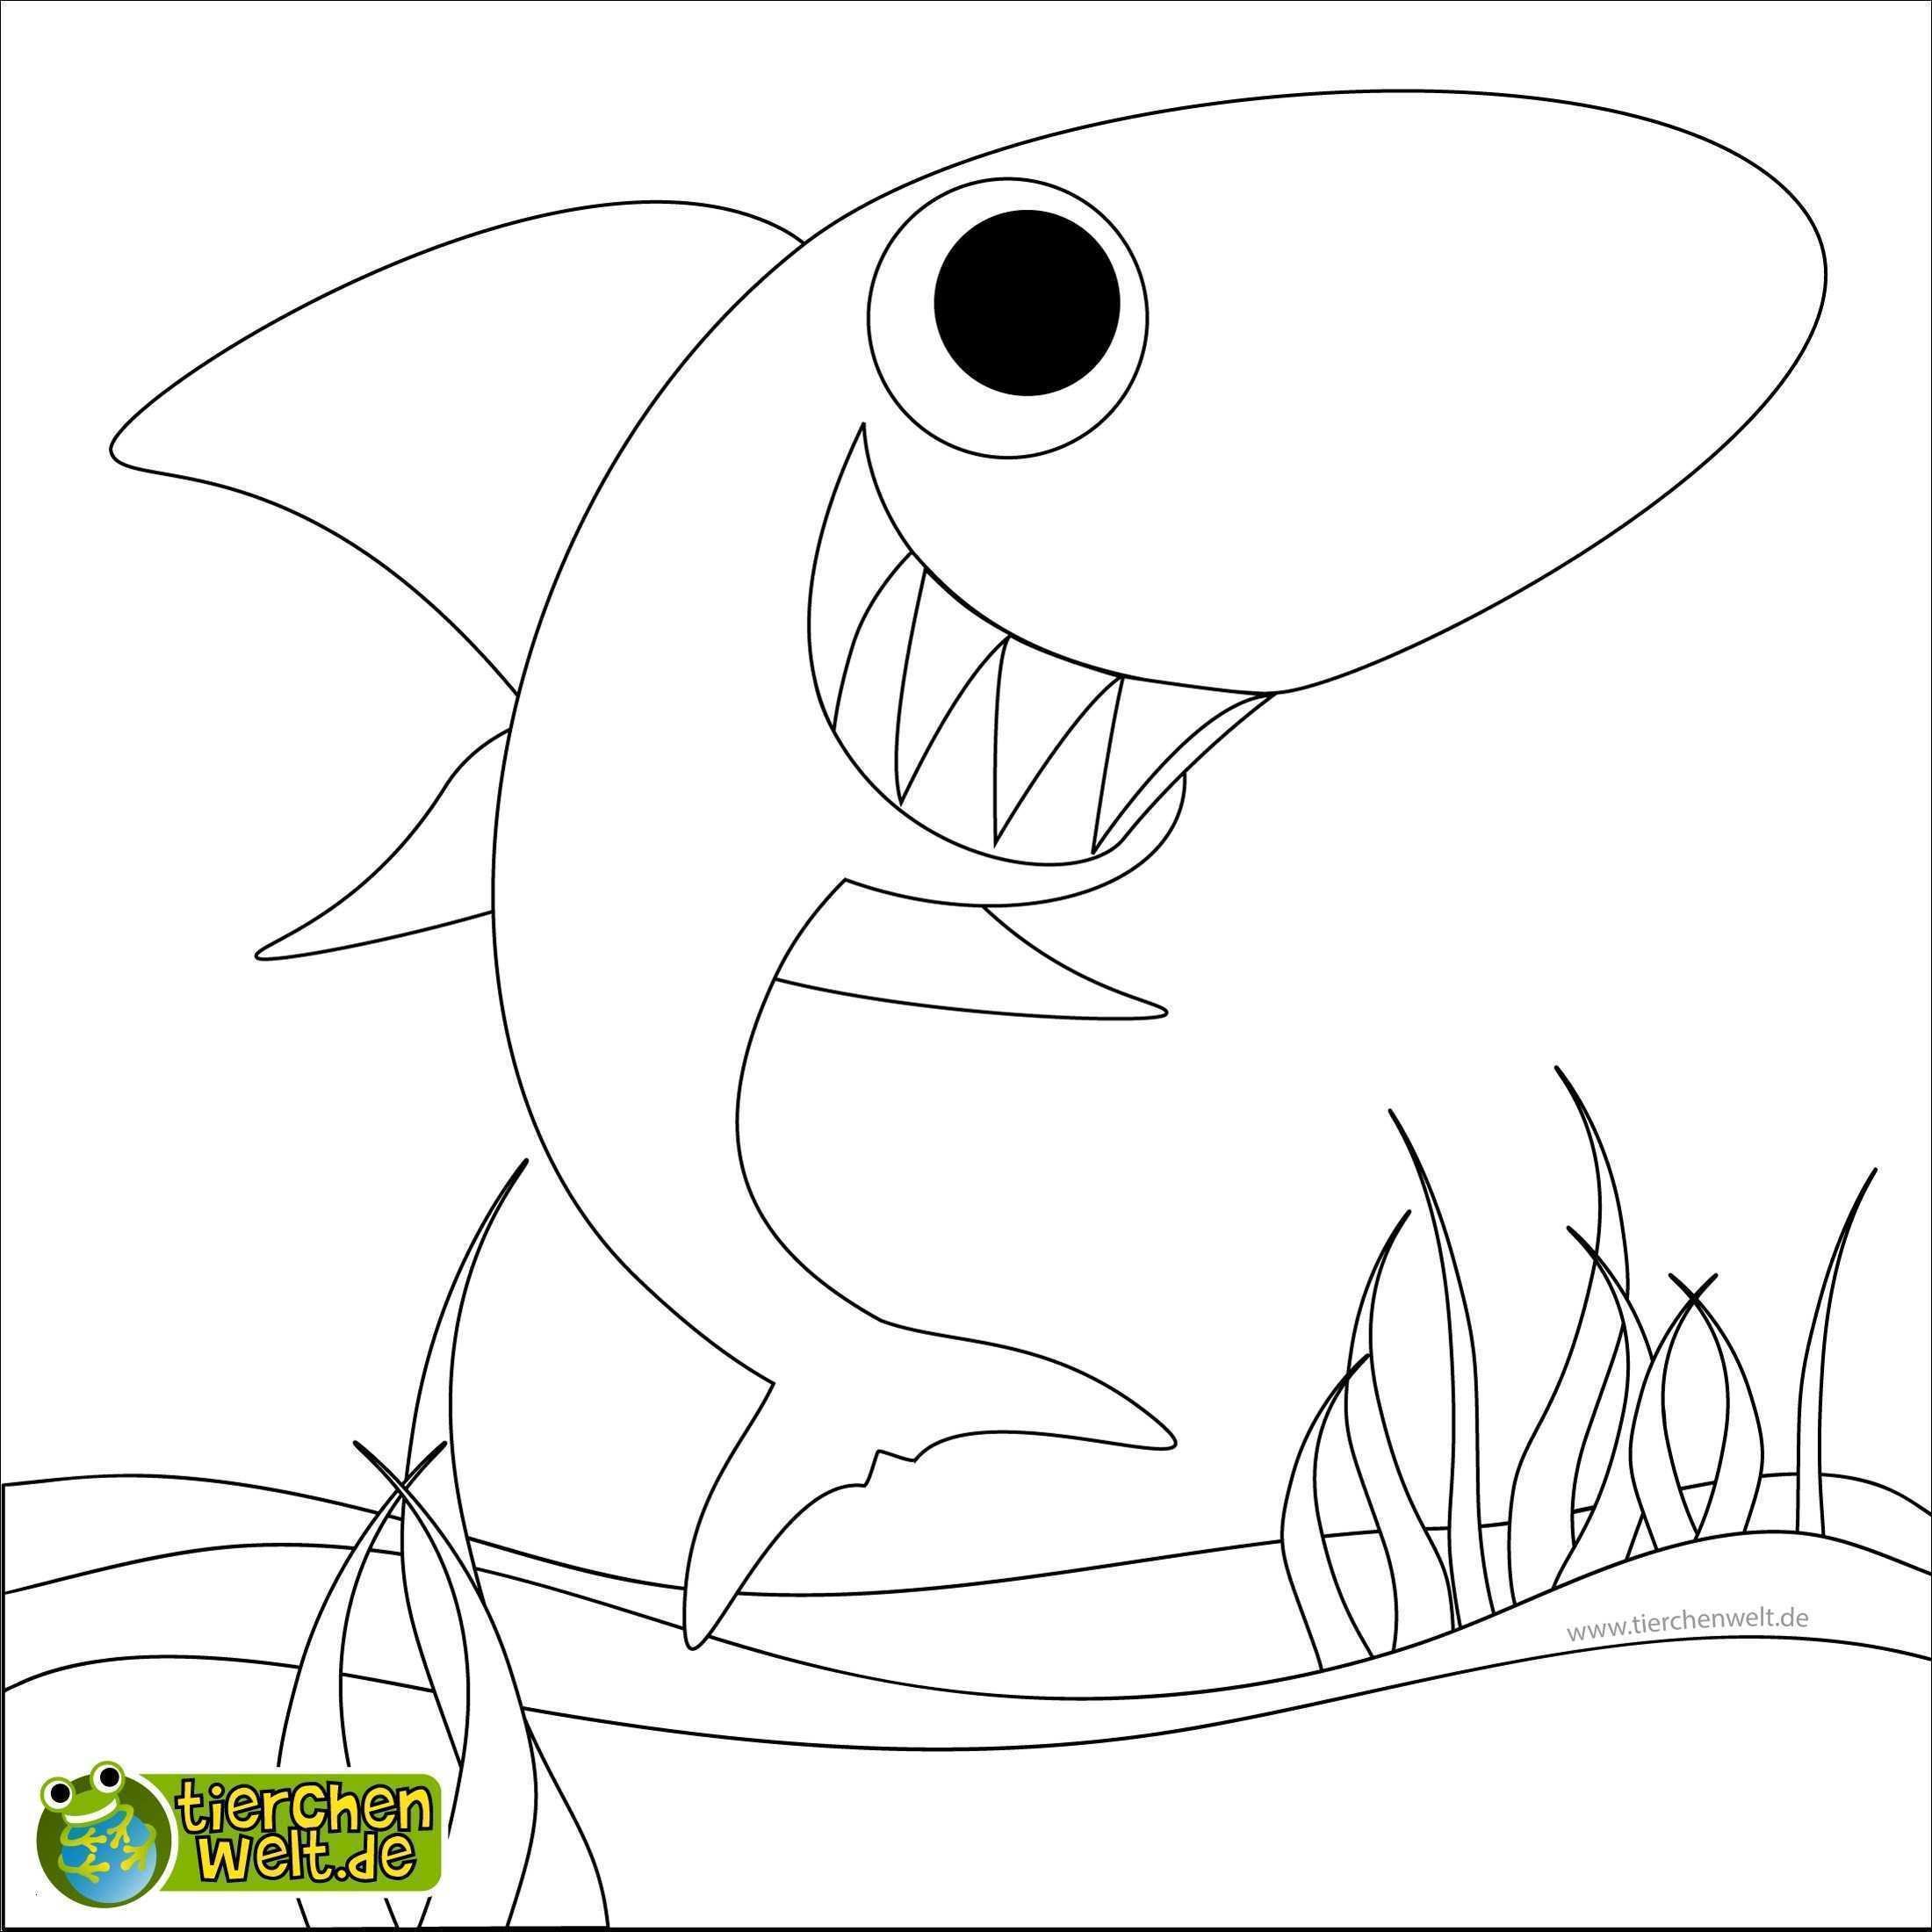 Sonic Zum Ausmalen Genial Hai Bilder Zum Ausmalen Ausmalbilder sonic Lernspiele Färbung Fotografieren